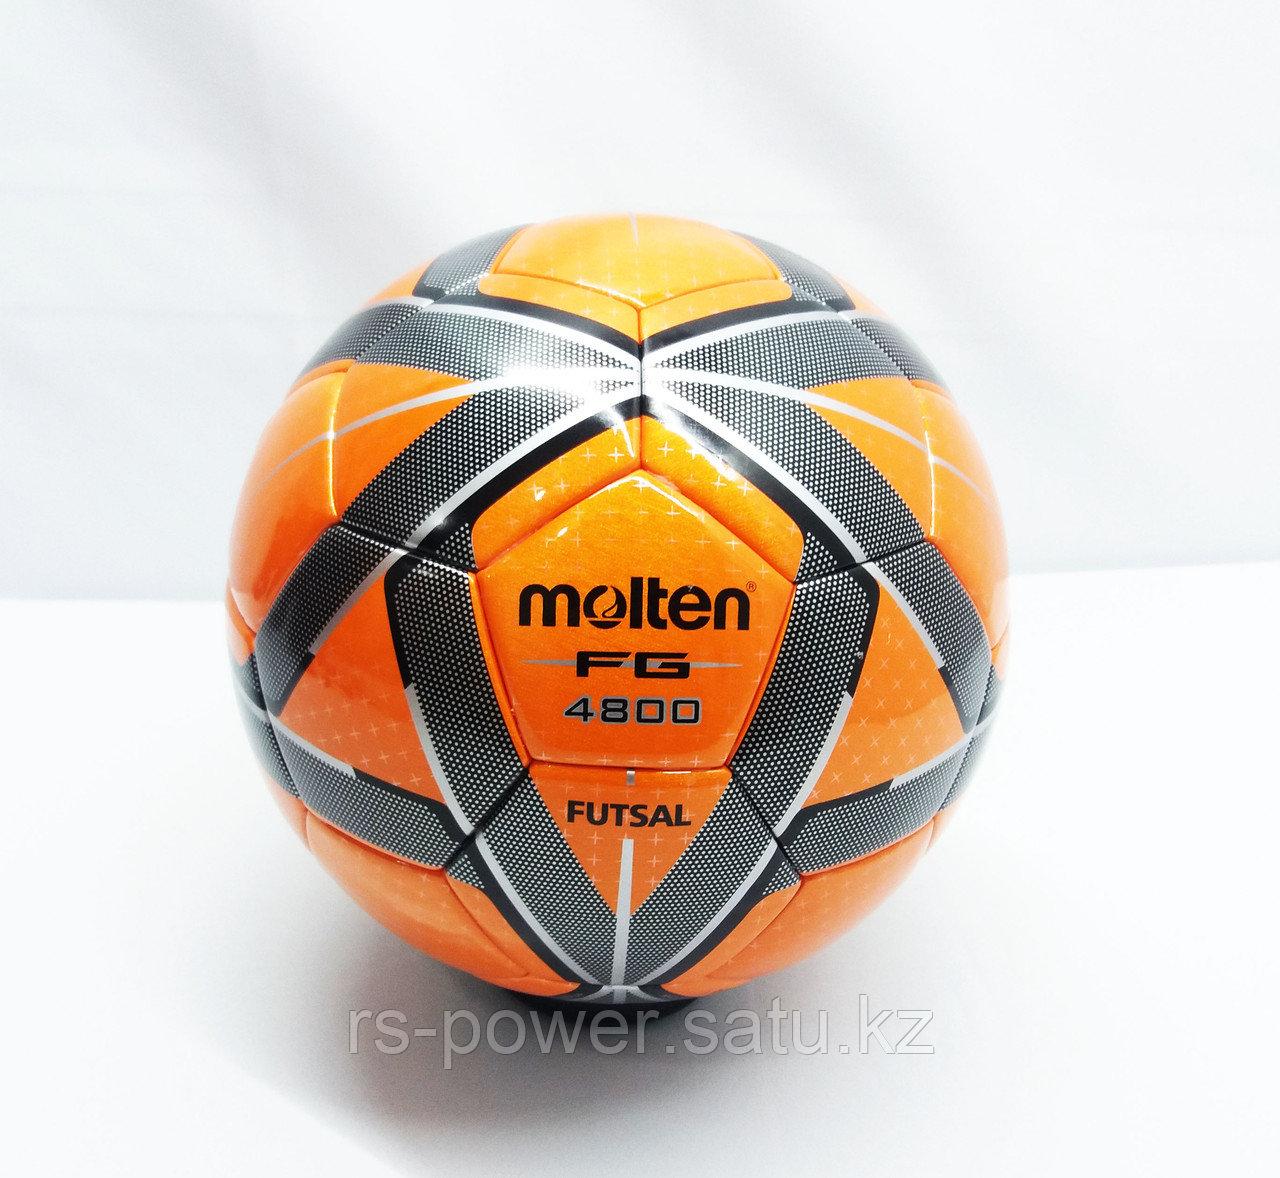 Мяч футбольный Molten